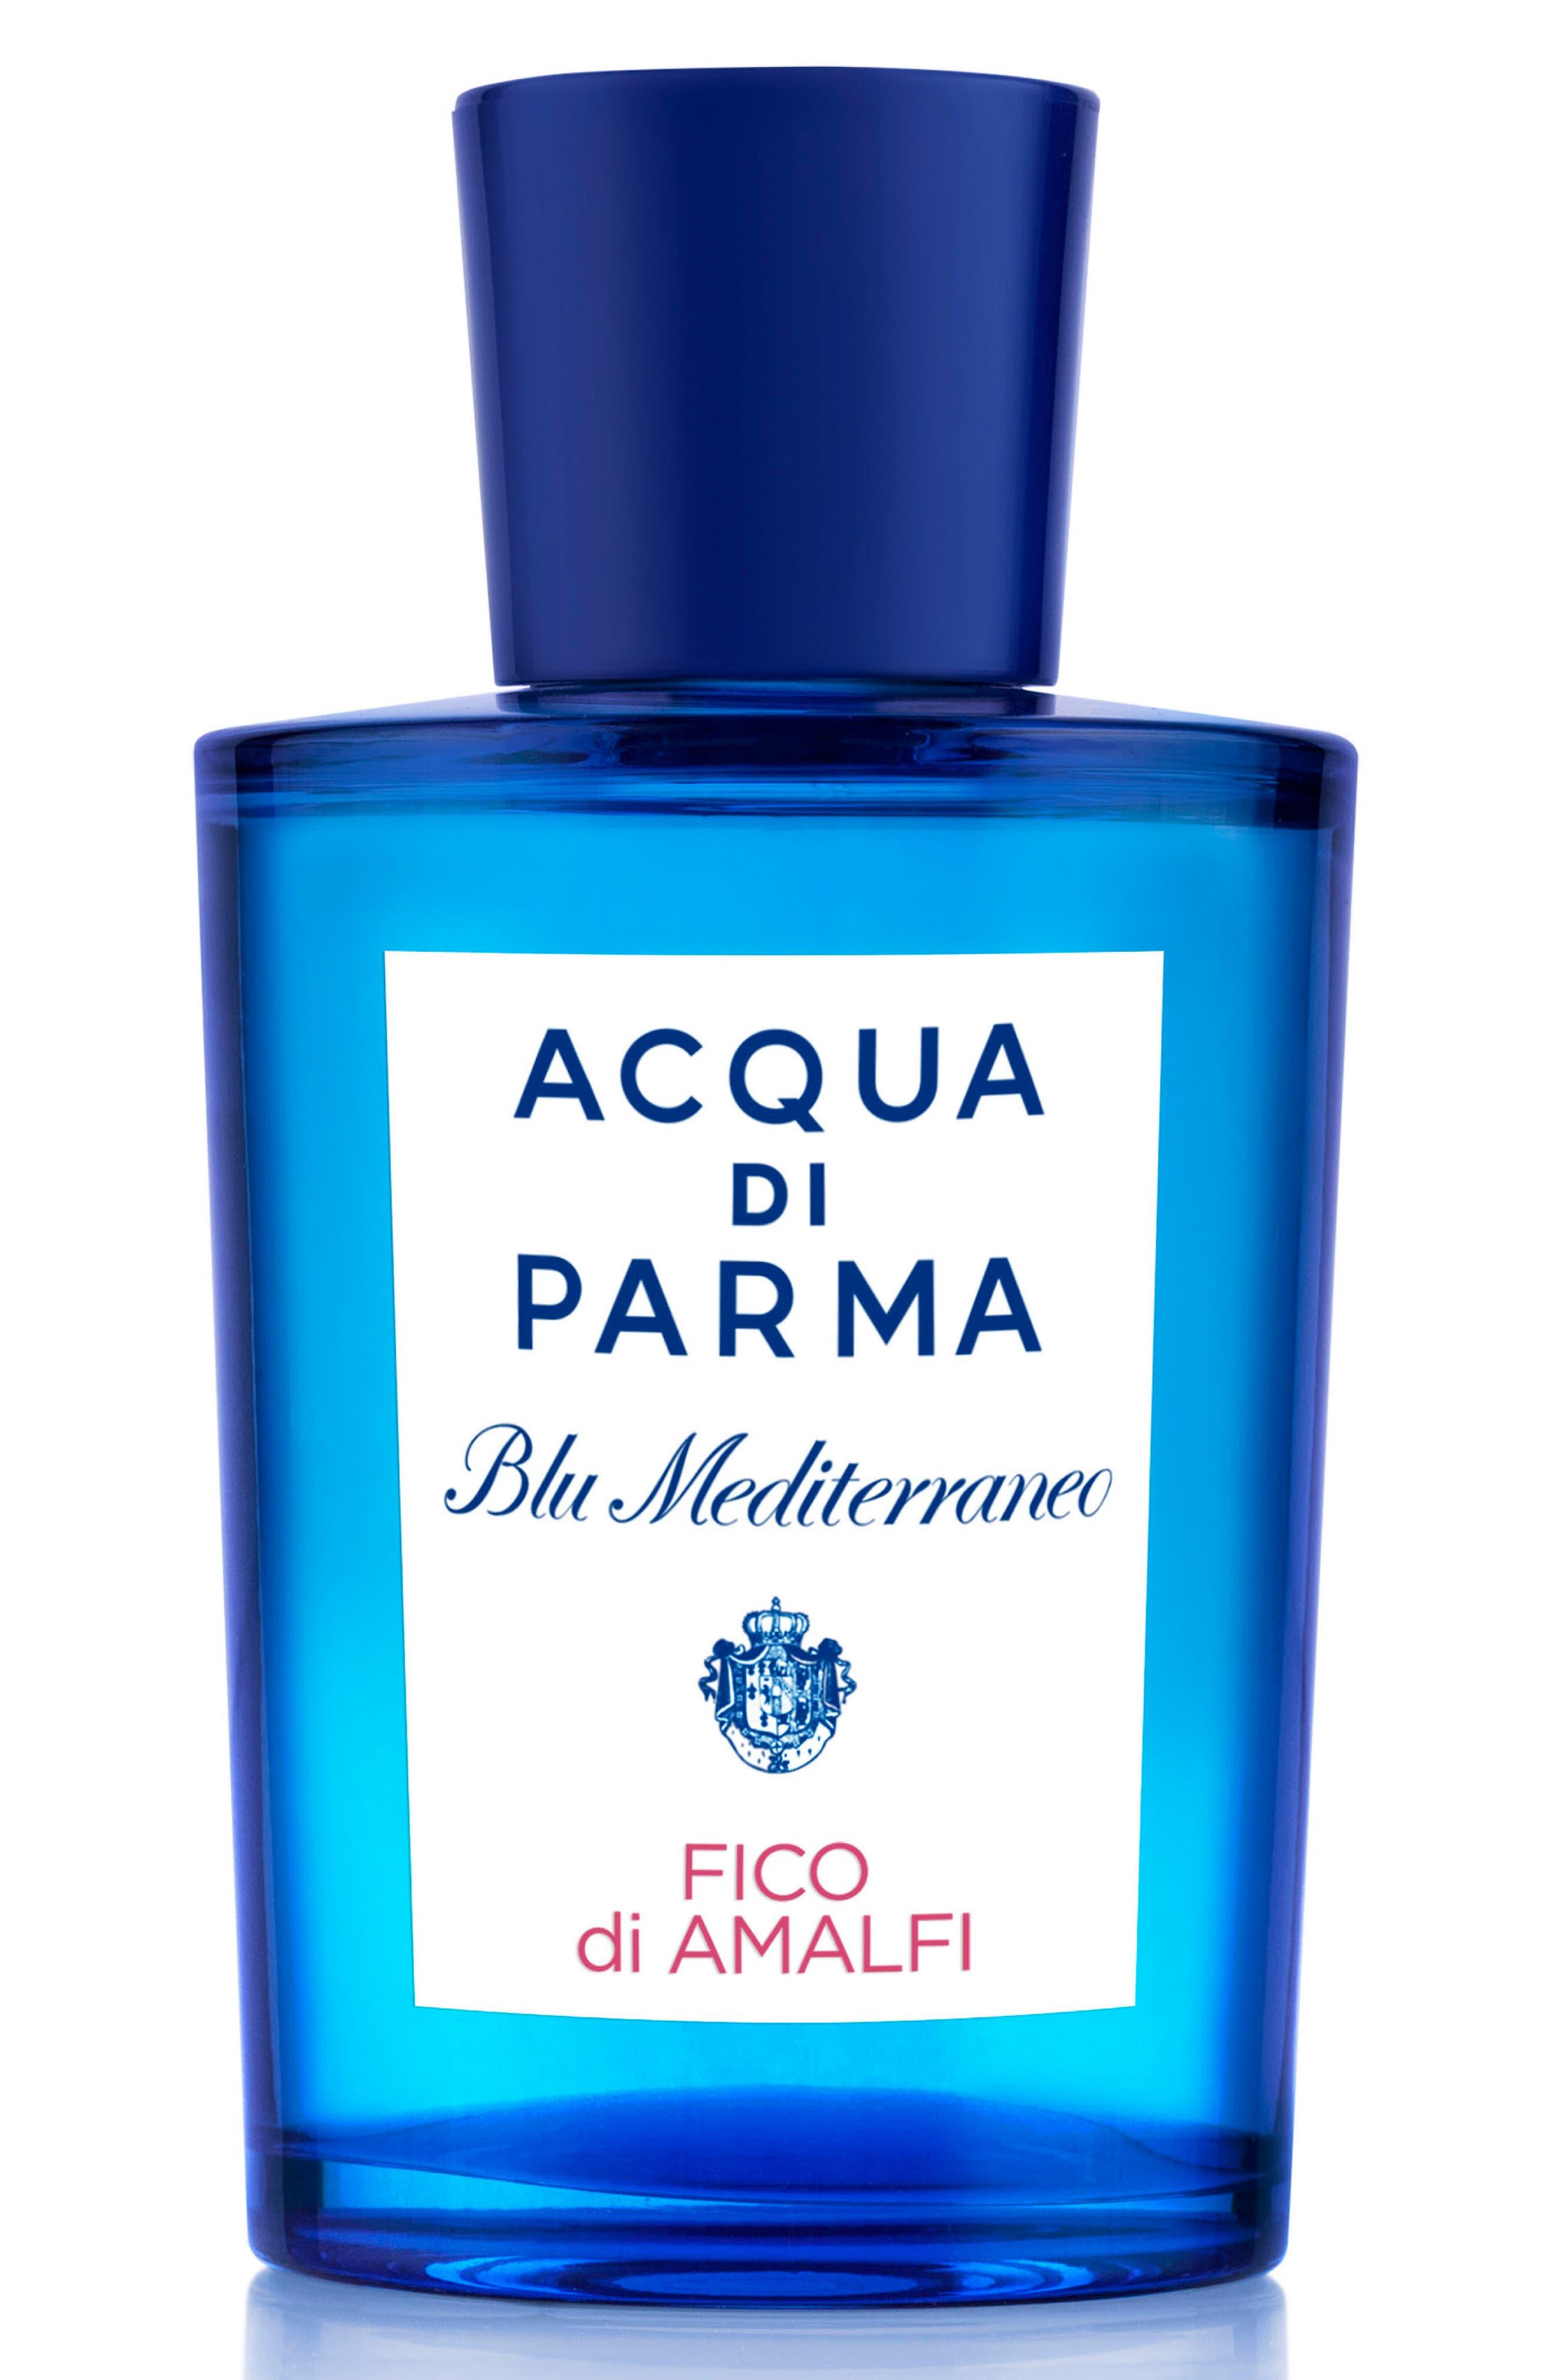 'Blu Mediterraneo' Fico Di Amalfi Eau De Toilette Spray